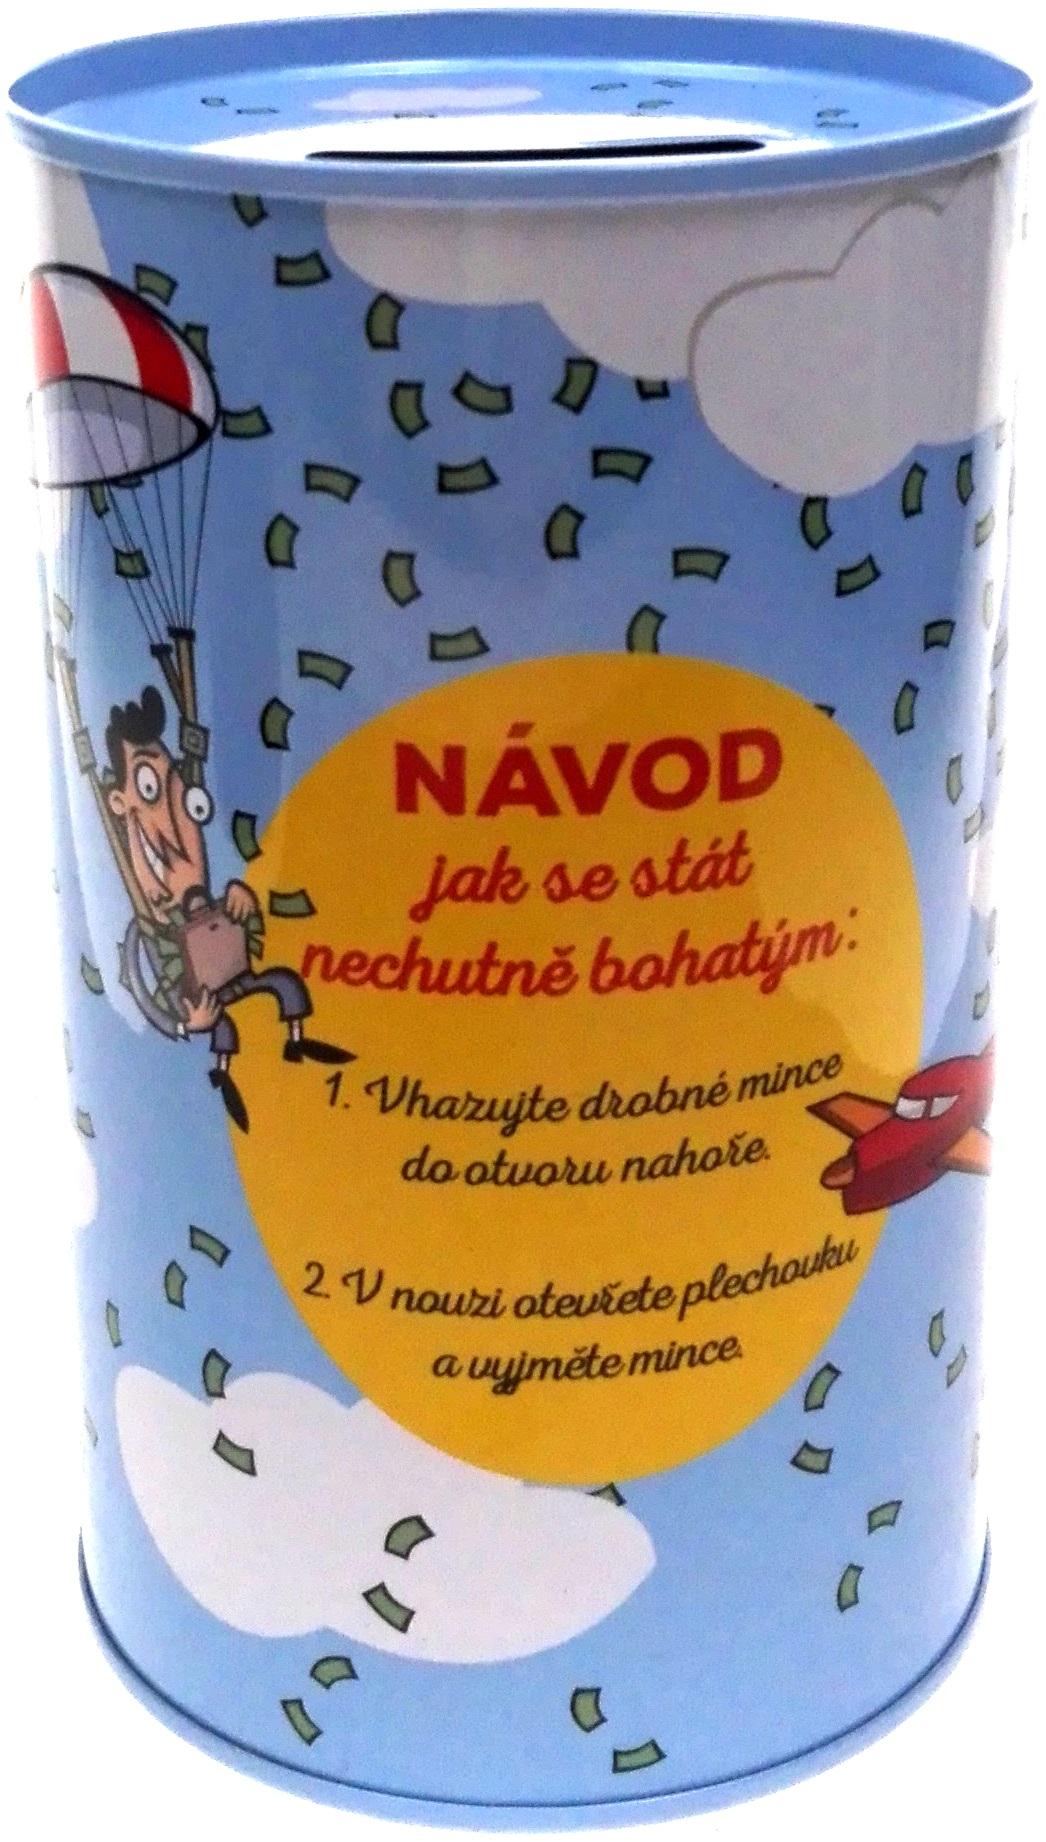 Albi Humorná pokladnička Návod na bohatství 13 x 8 cm